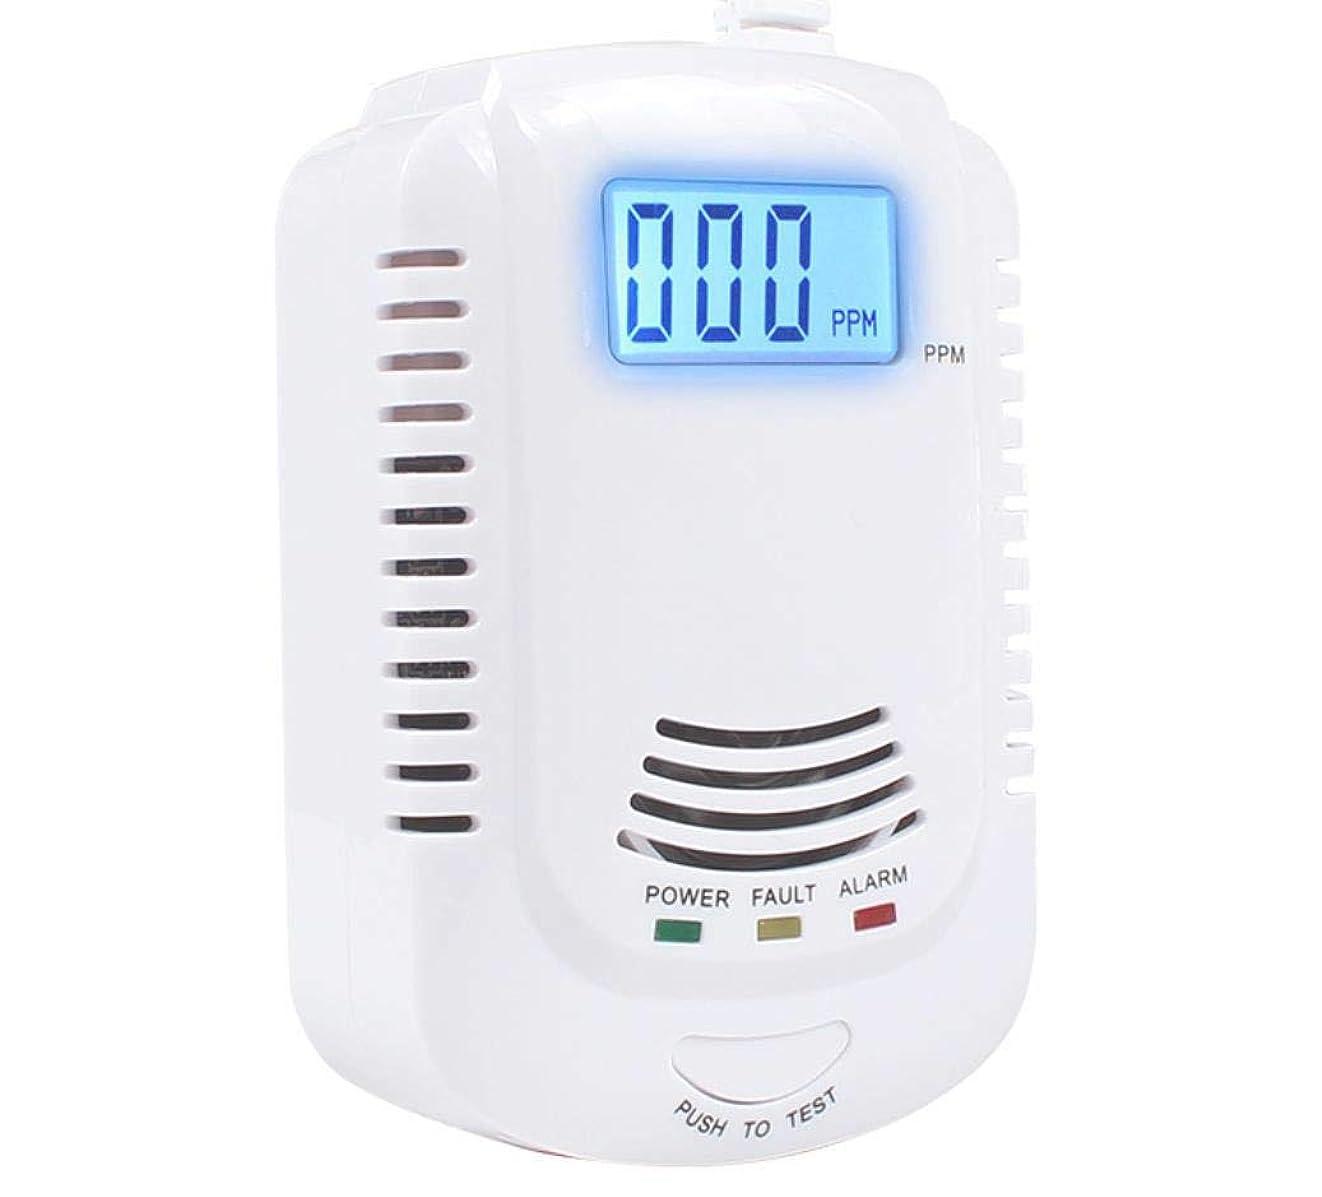 海軍種類地中海Twaxl プラグイン式爆発性ガス検知器2 in 1、家庭用キッチンメタン、プロパン、化合物アラーム、充電式または9V充電式バッテリー(別売)LEDディスプレイ付き音声アラーム